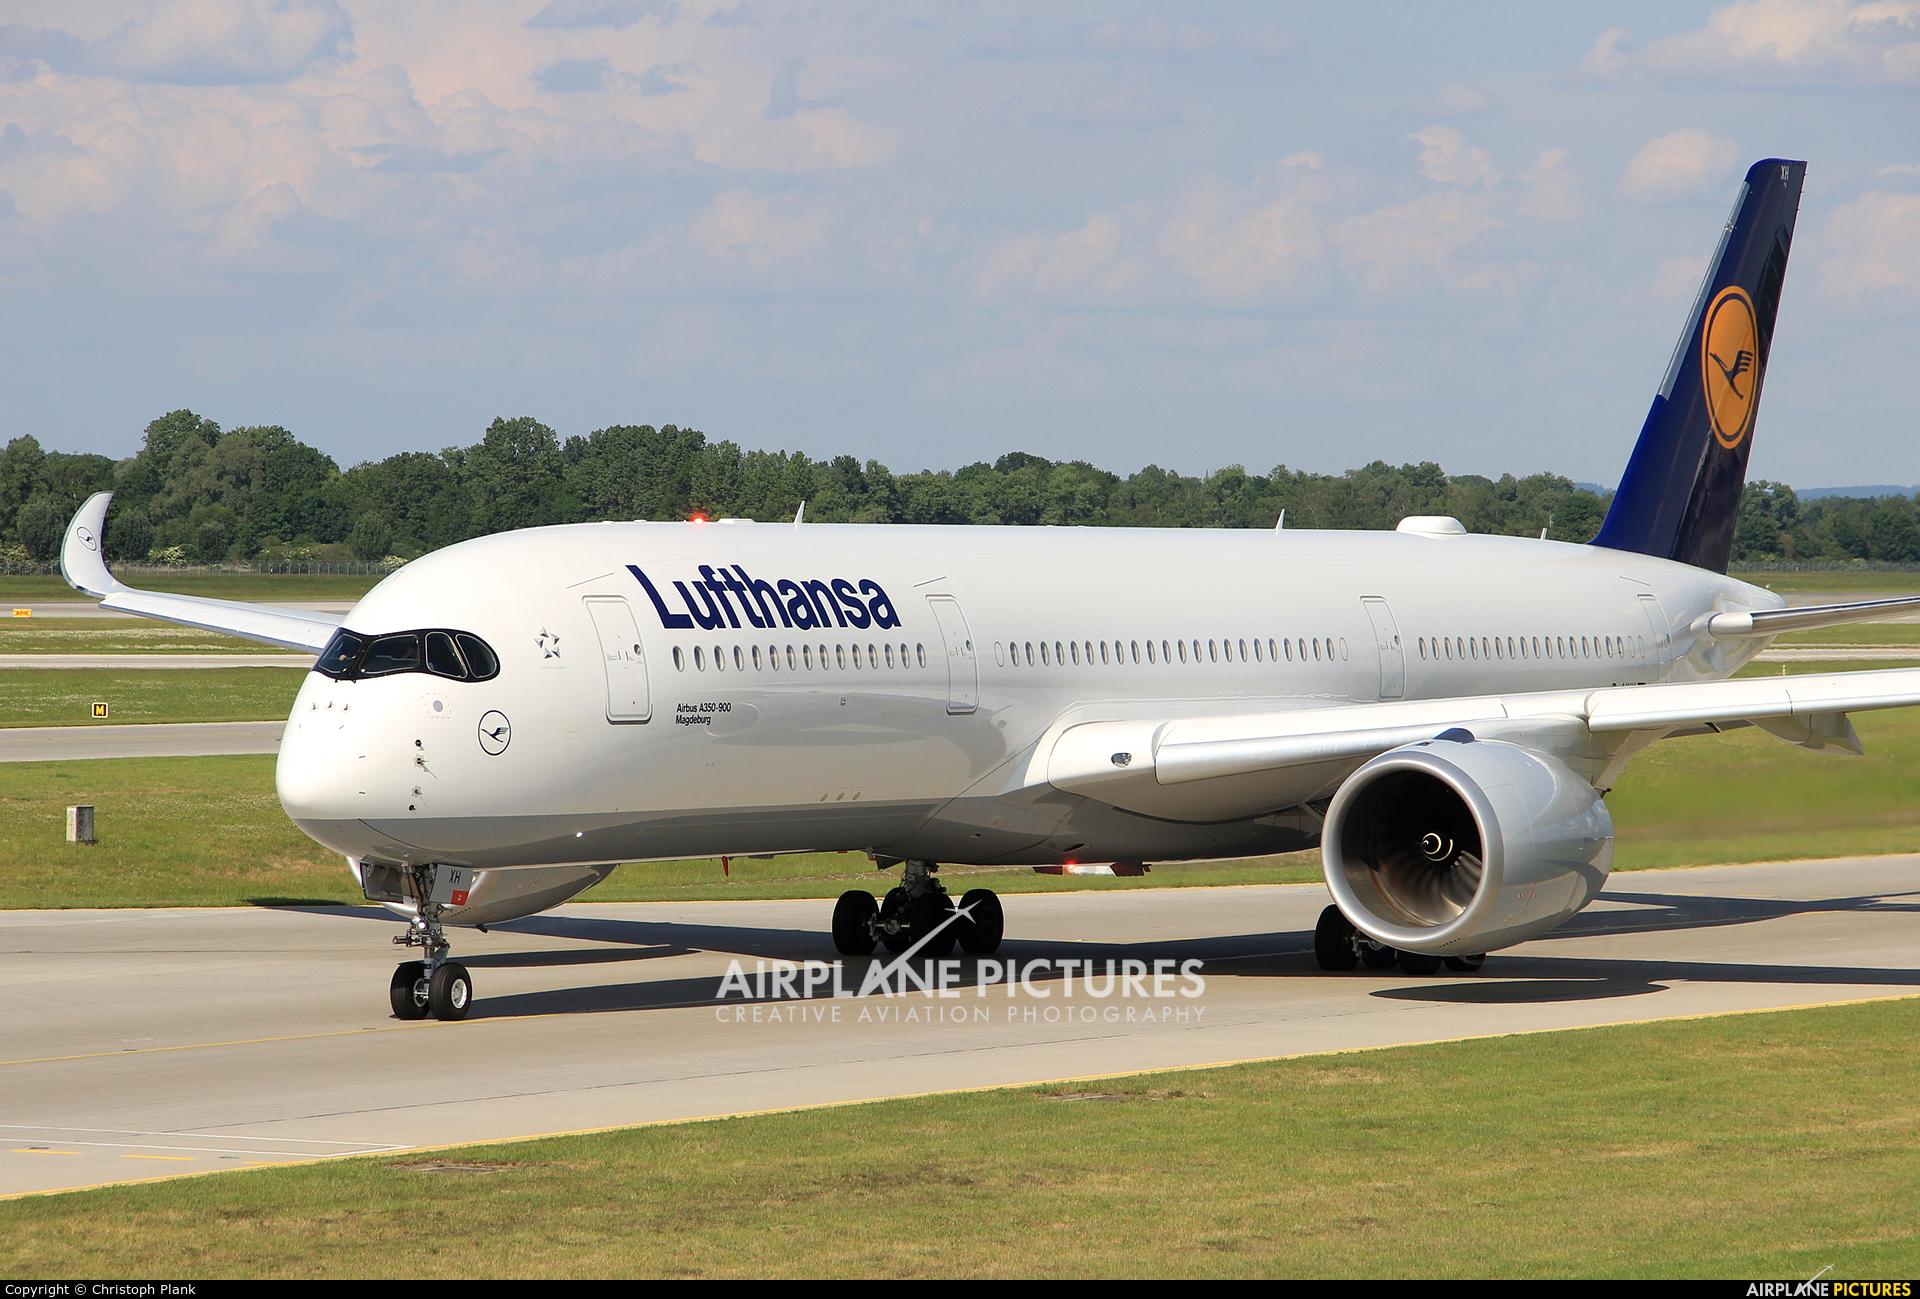 Lufthansa D-AIXH aircraft at Munich